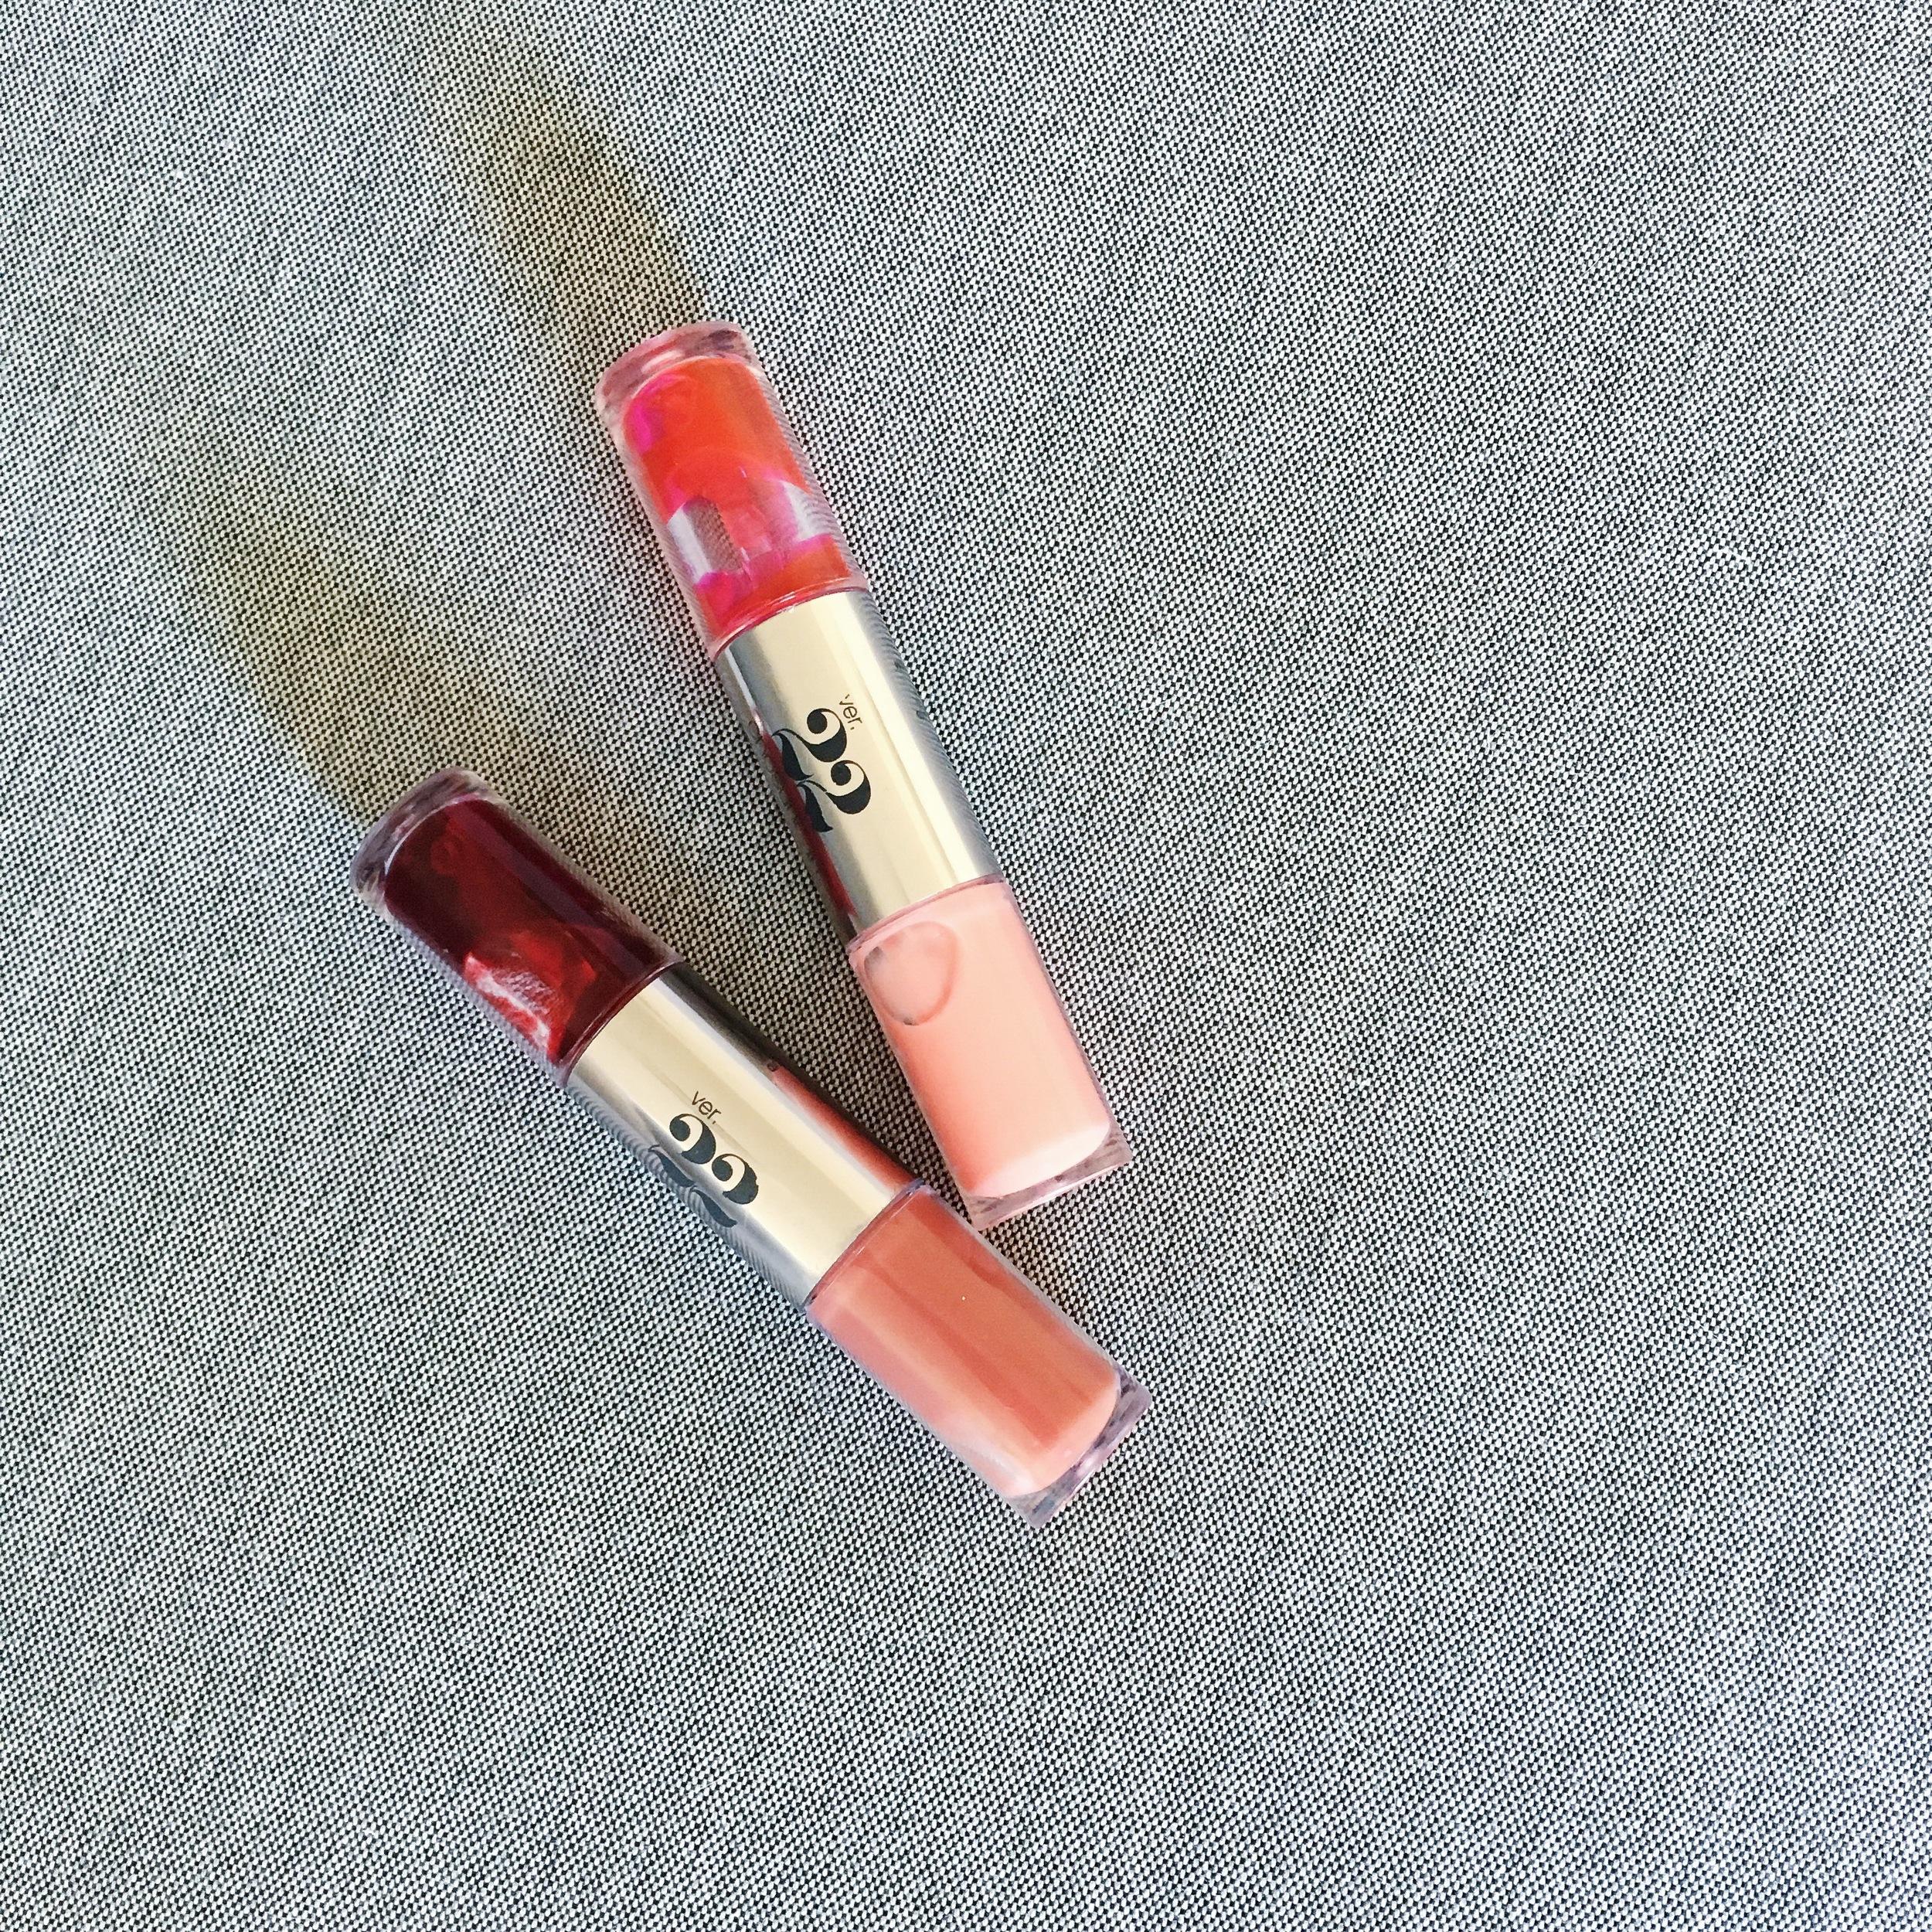 Chosungah lip tints:Cashmere and Chiffon